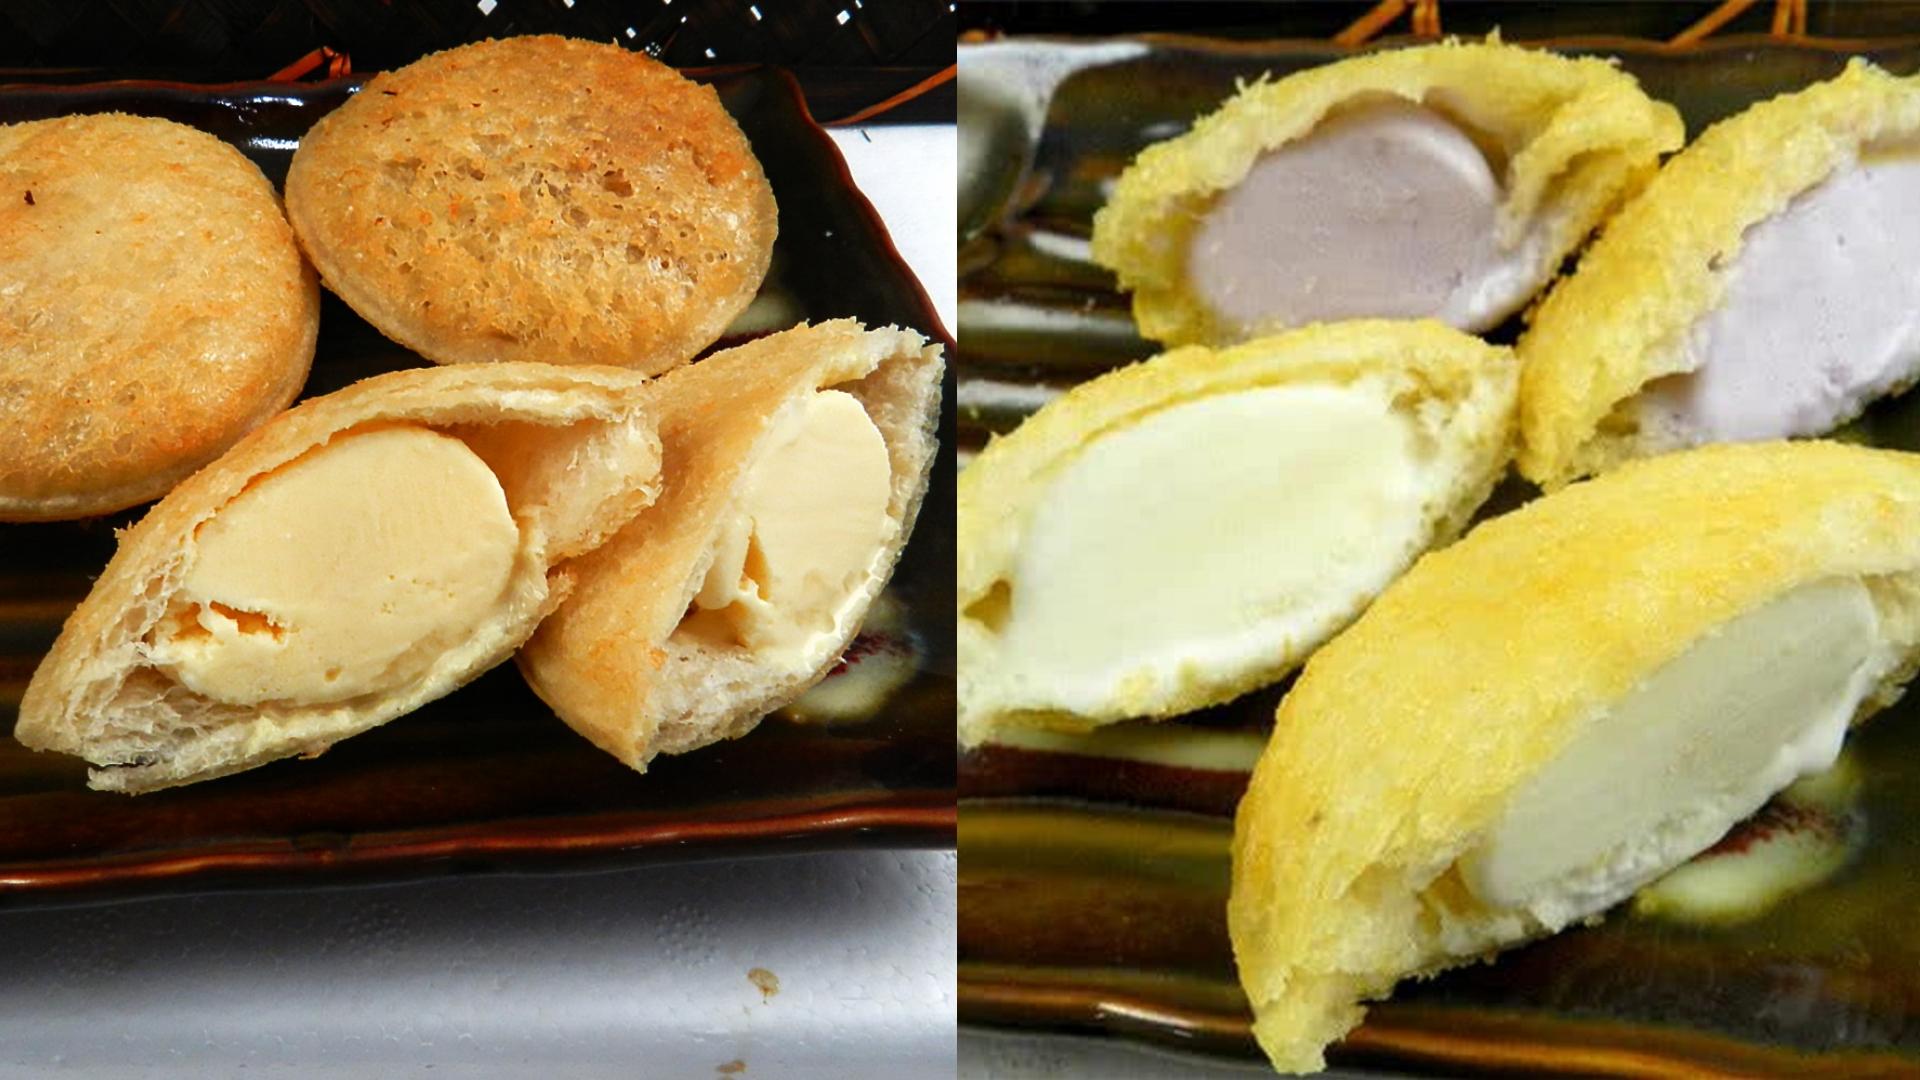 咬下去會喀滋喀滋的吐司外皮、裡面是冰冰涼涼的冰淇淋,什麼神級美食能夠一次擁有兩種口感和冷熱兩種滋味啊!